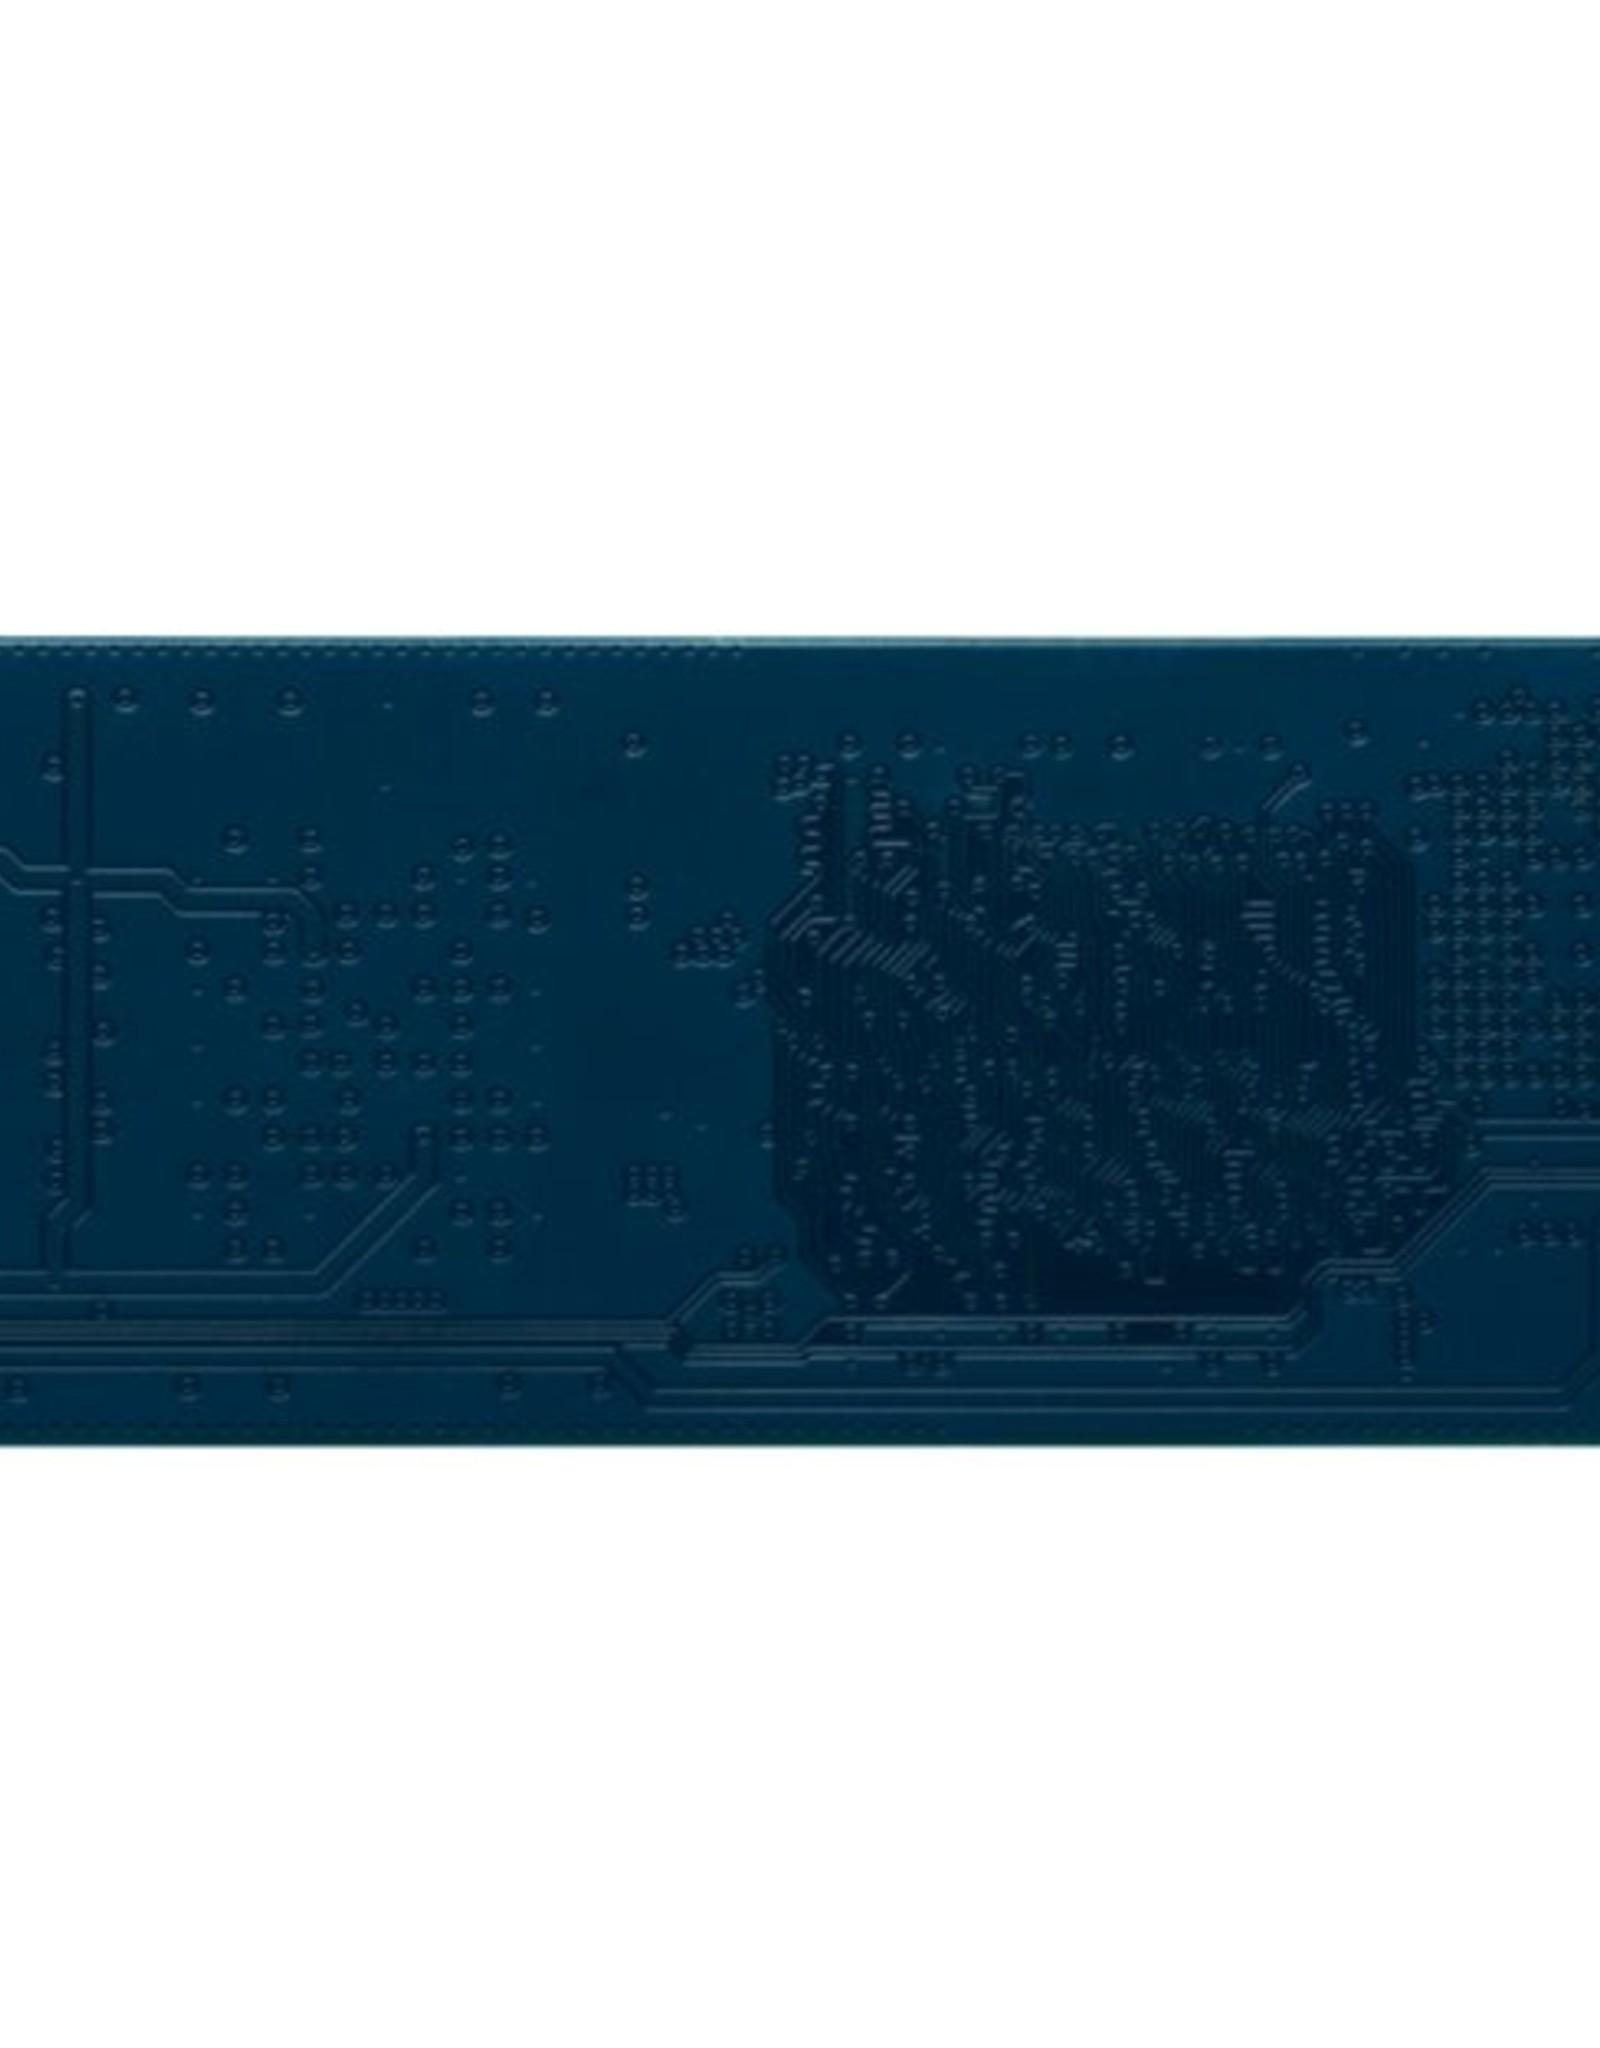 SSD UV500 M.2 120GB TLC 520MB/s read 320/MB/s